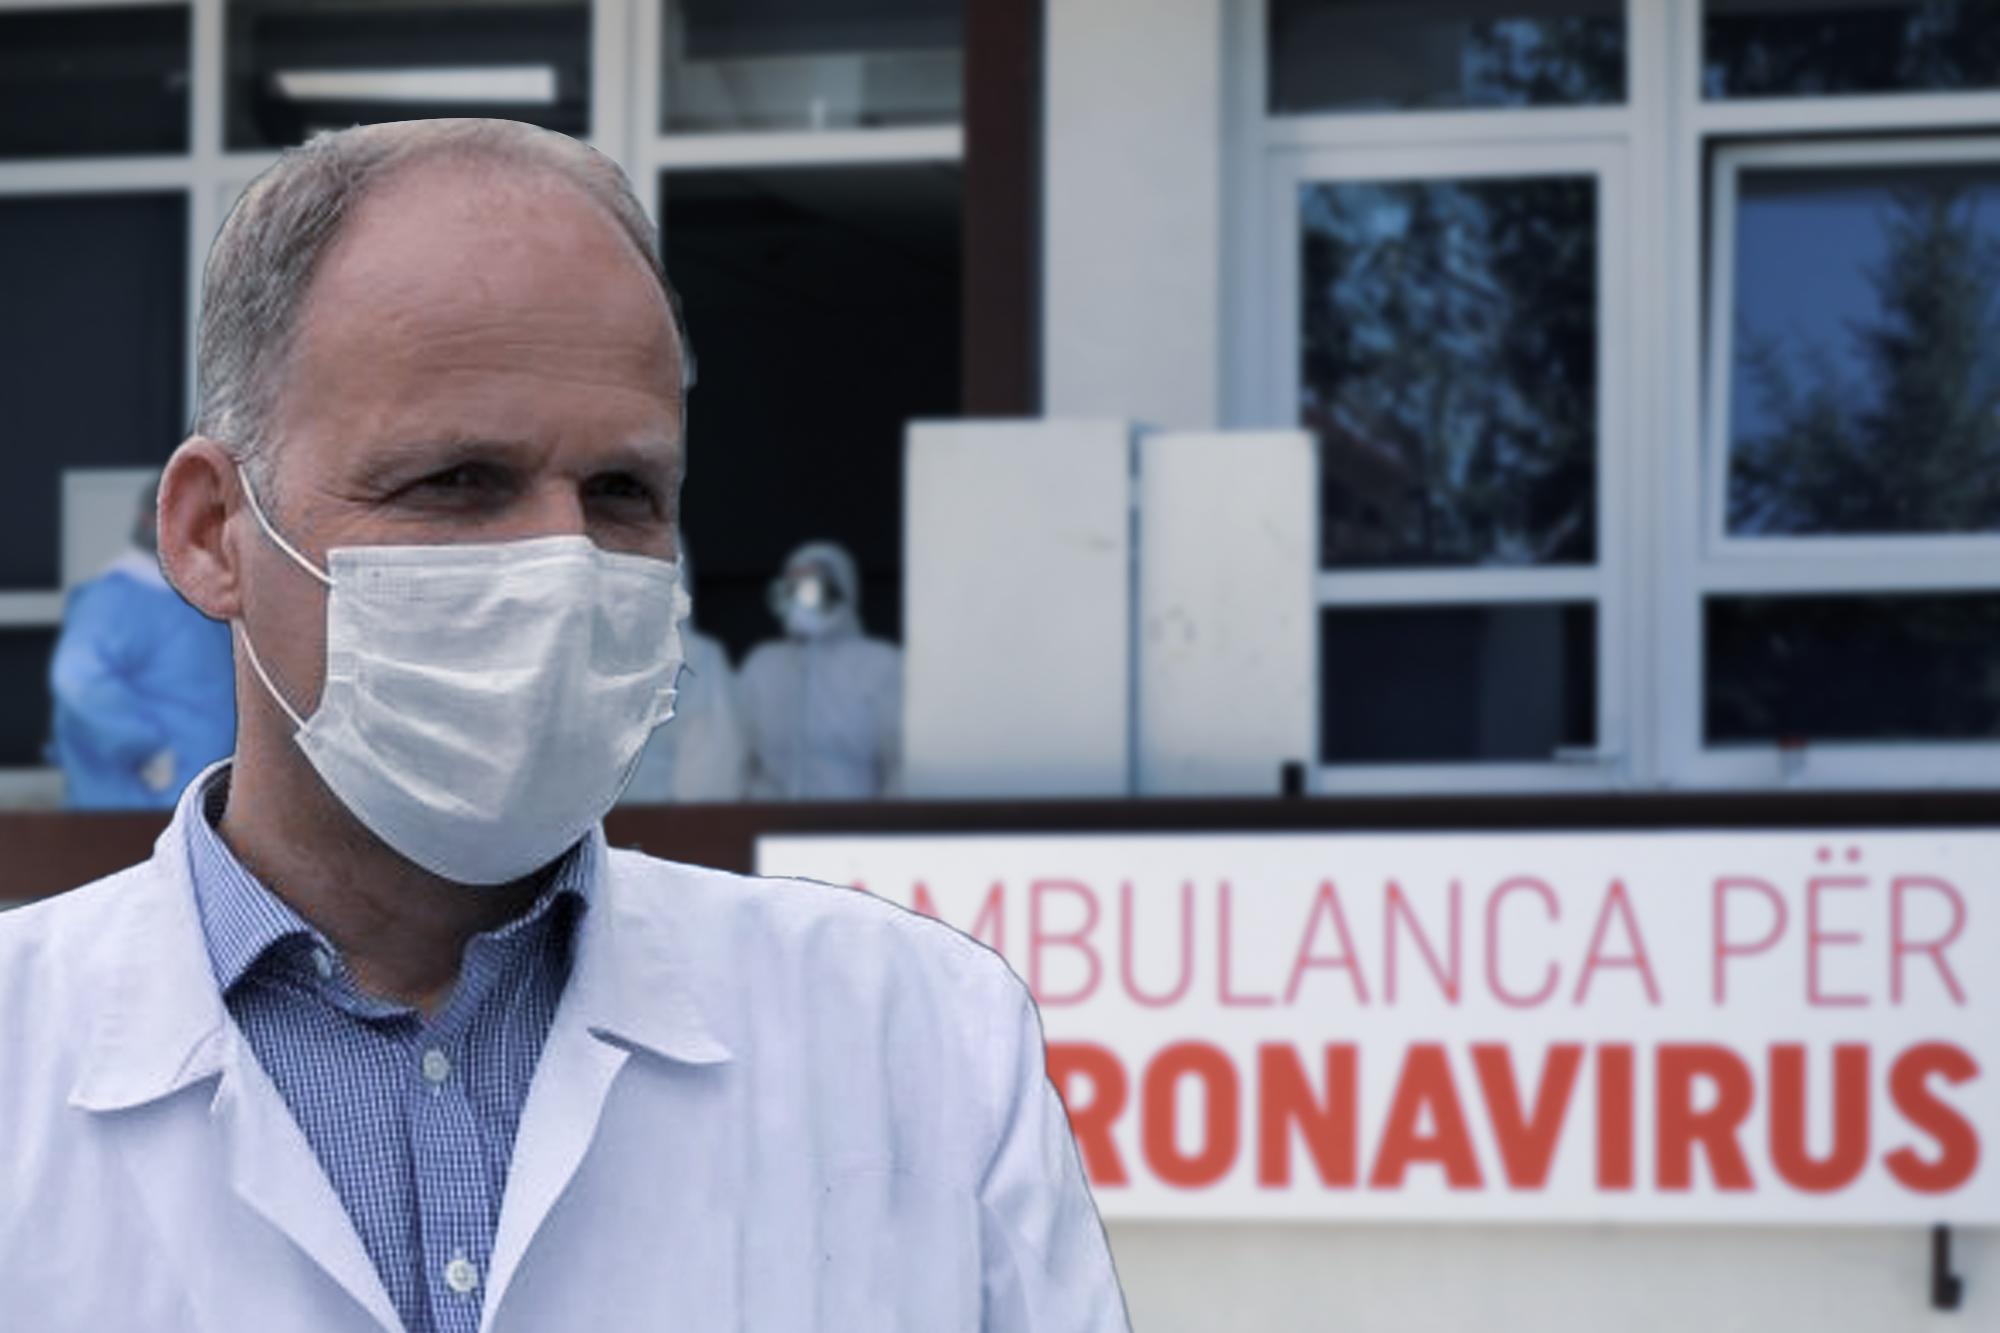 Krasniqi: Kemi rritje të rasteve pozitive me COVID-19, po përgatisin edhe klinika tjera për ta përballuar fluksin e pacientëve